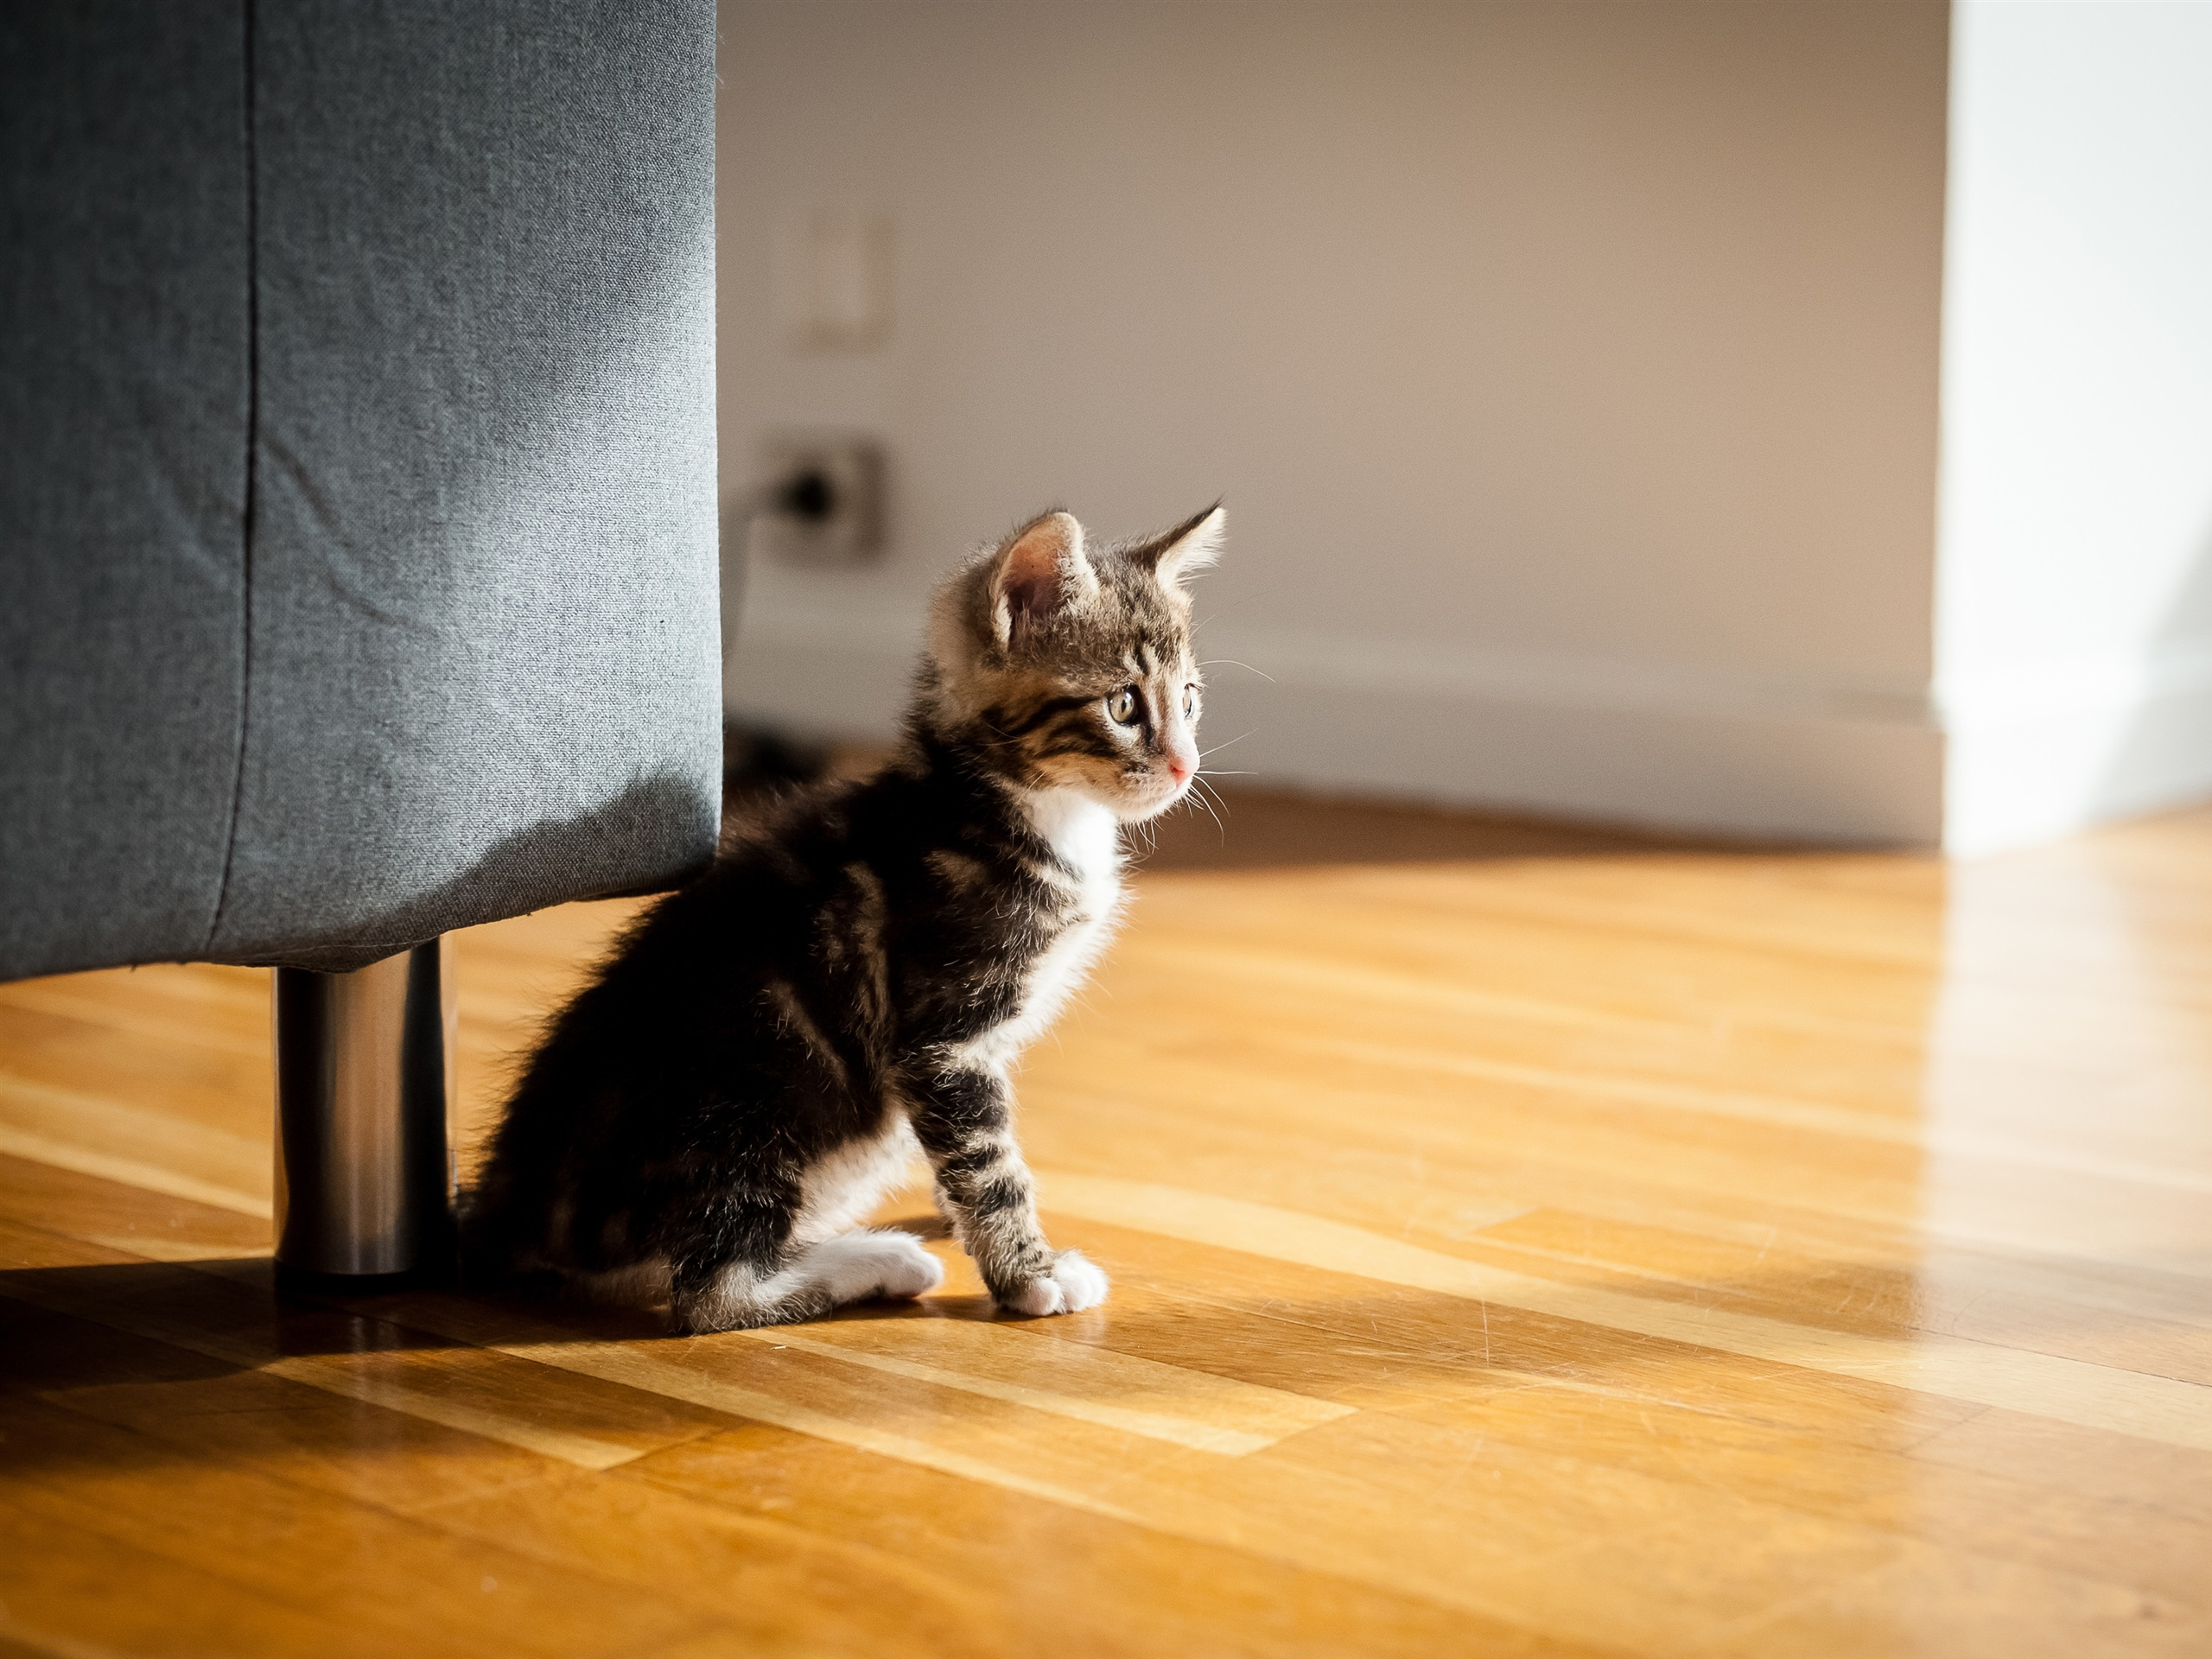 壁紙 部屋の猫 3840x2160 Uhd 4k 無料のデスクトップの背景 画像